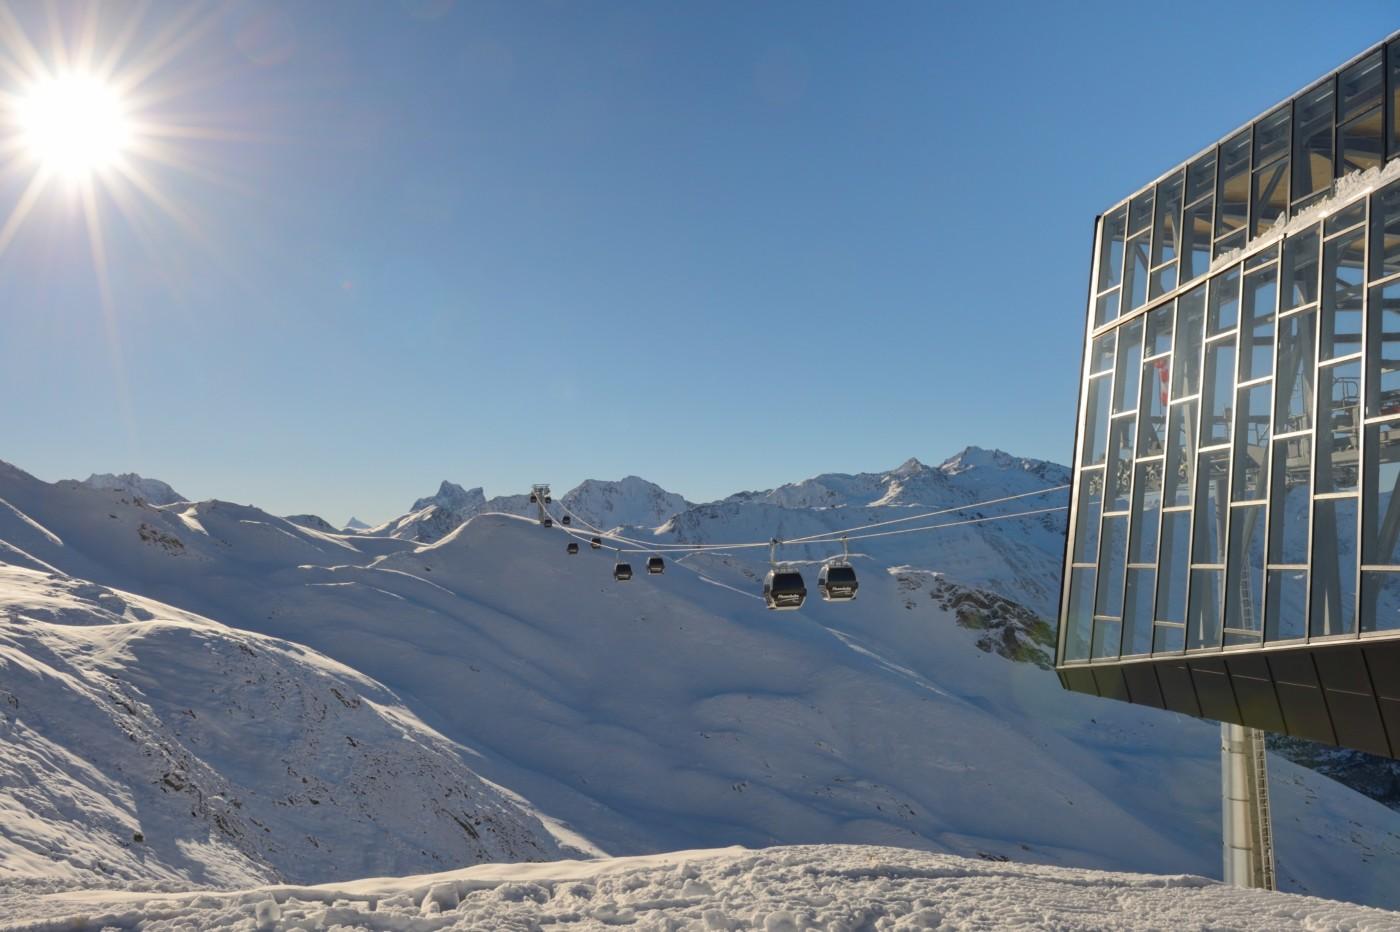 Flexenbahn im Skigebiet Lech Zürs am Arlberg